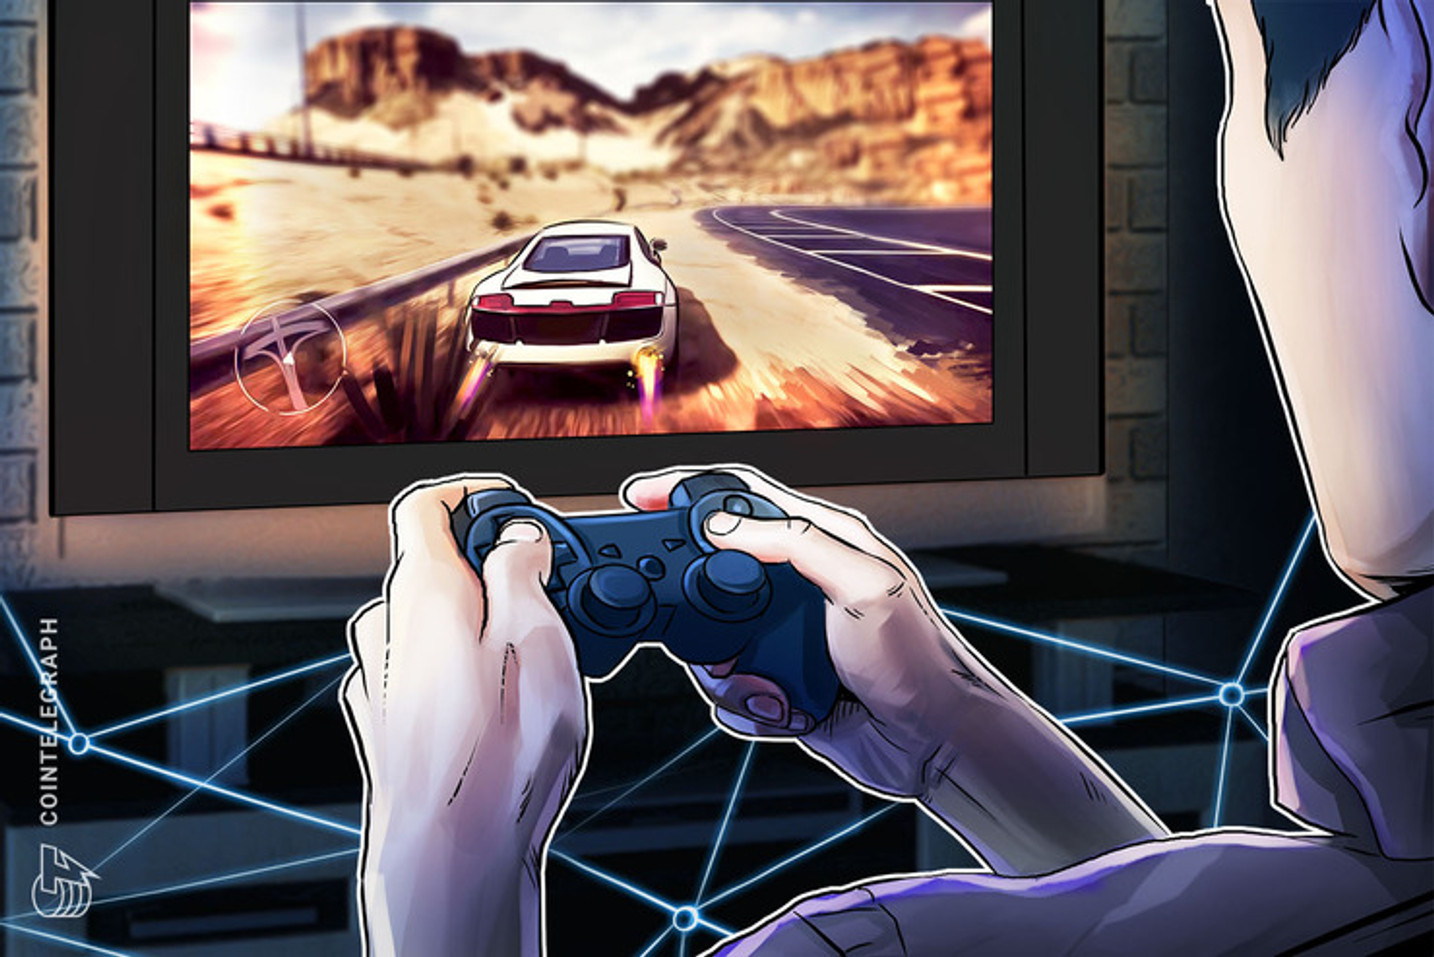 Las principales 5 compañías de juegos basados en tecnología blockchain